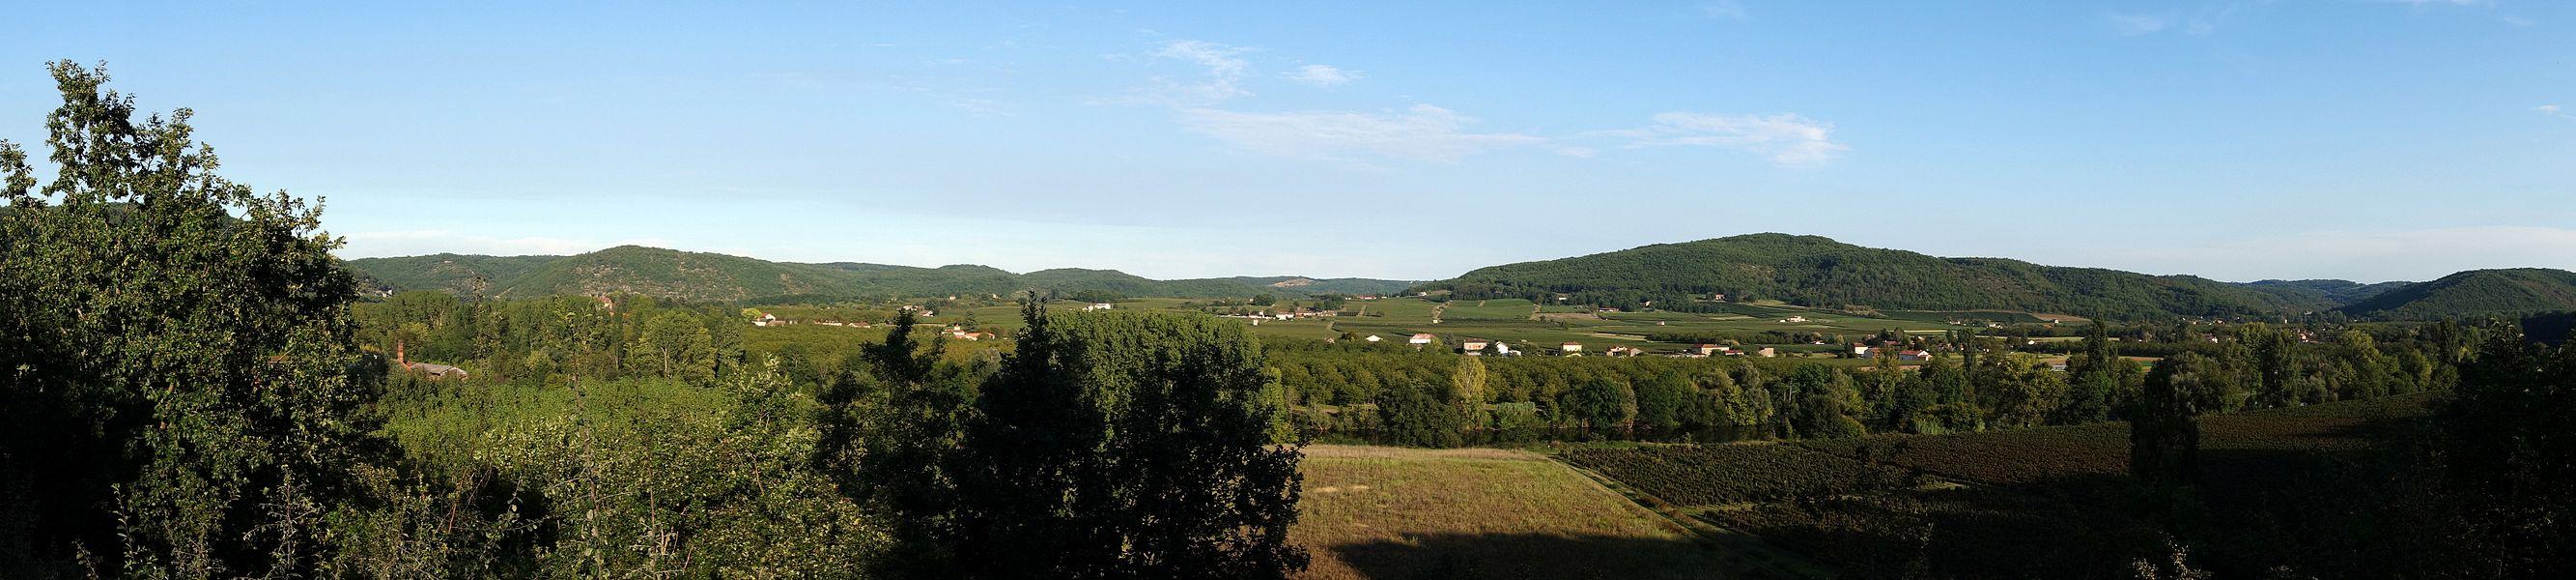 En sortant du village de Prayssac, vers le sud, on prend une petite route (D67) qui mène à Bélaye et Montcuq, en passant par un petit pont sur le Lot... Peu avant le pont, la vue sur la vallée et le vignoble, en fin d'après midi d'été, est impressionnante...